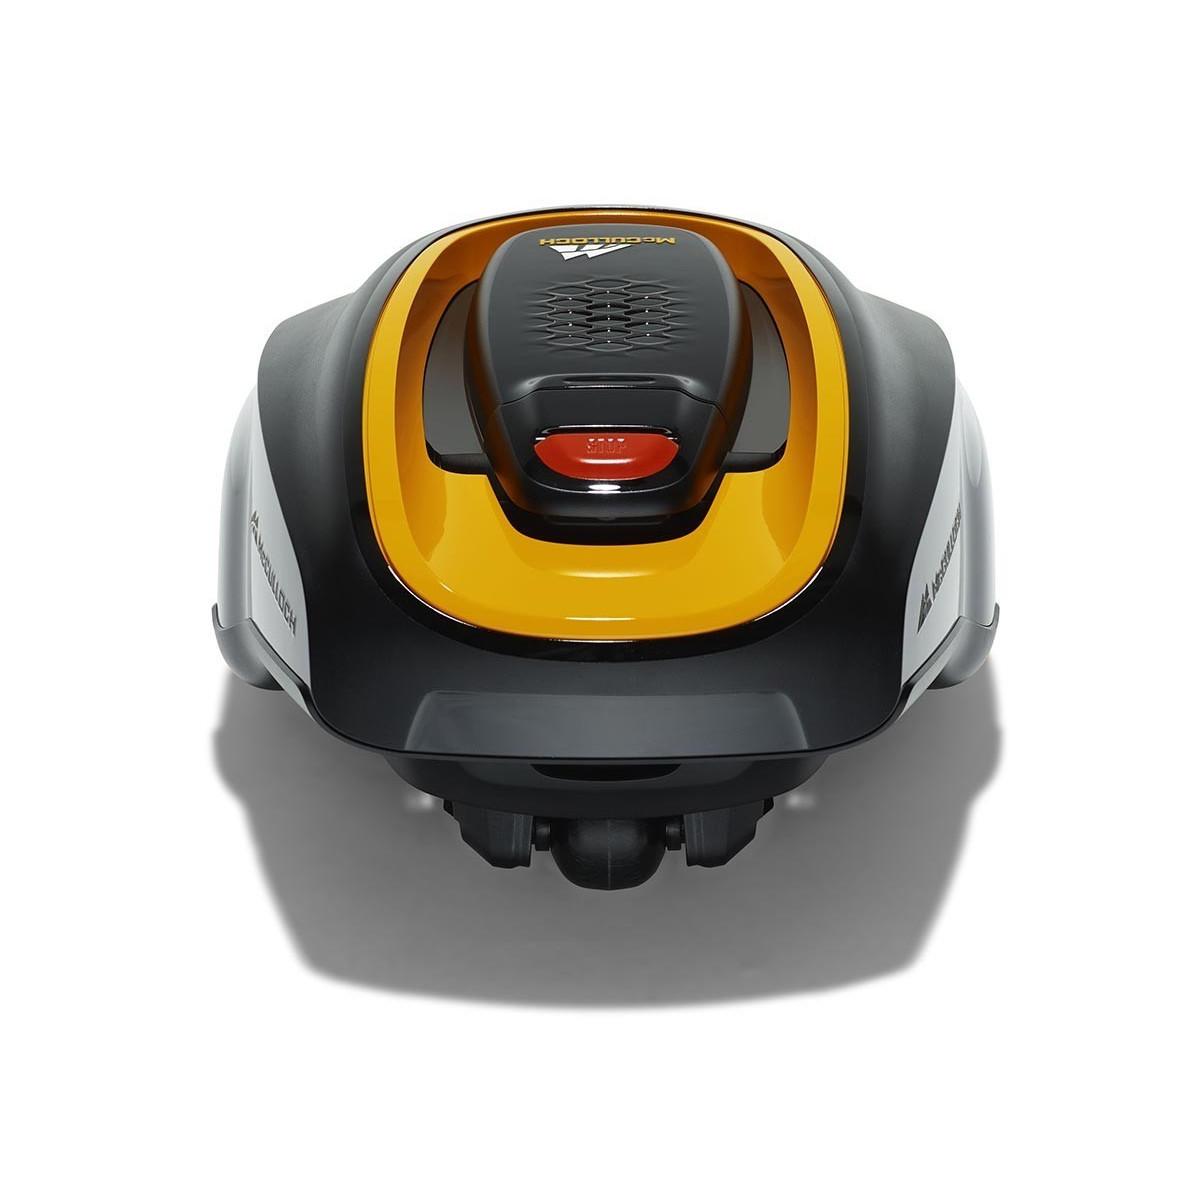 Robot tondeuse mc culloch rob 1000 bestofrobots - Comparatif robot tondeuse ...